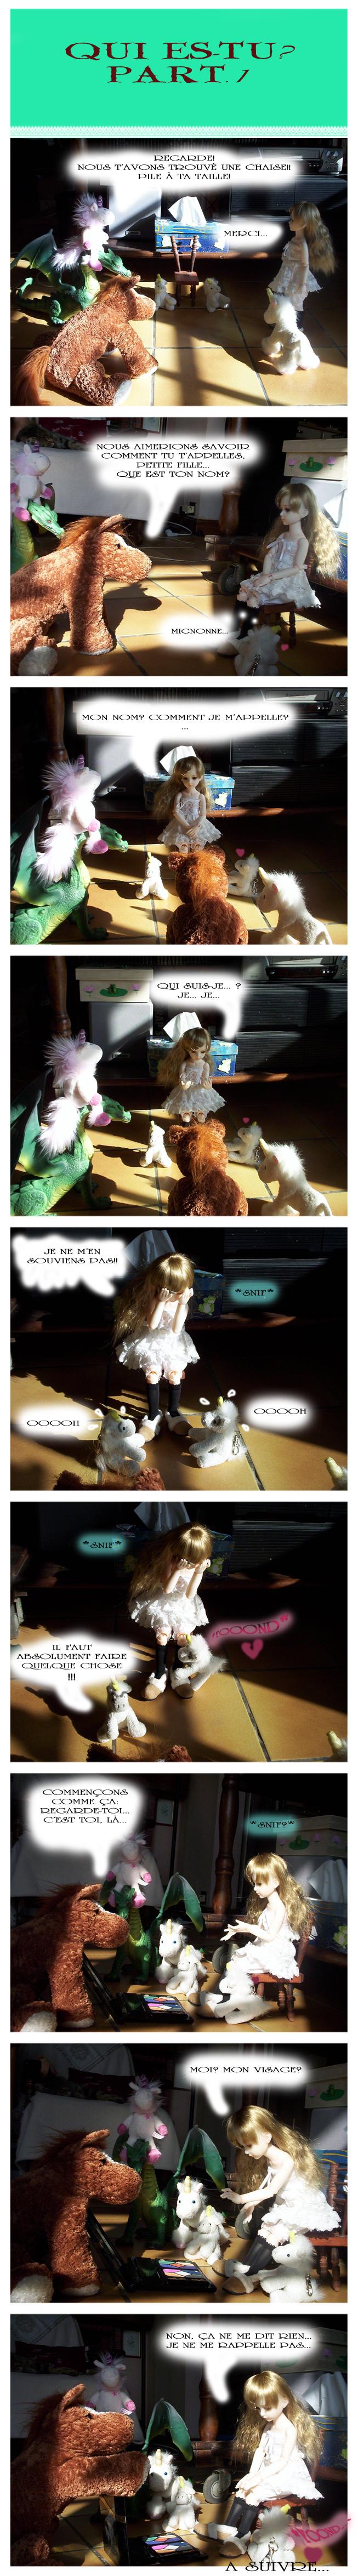 [Heika's 1] Le début de la FIN p.70 - Page 4 Who_are_you__P_1_by_Monsieur_Cheval